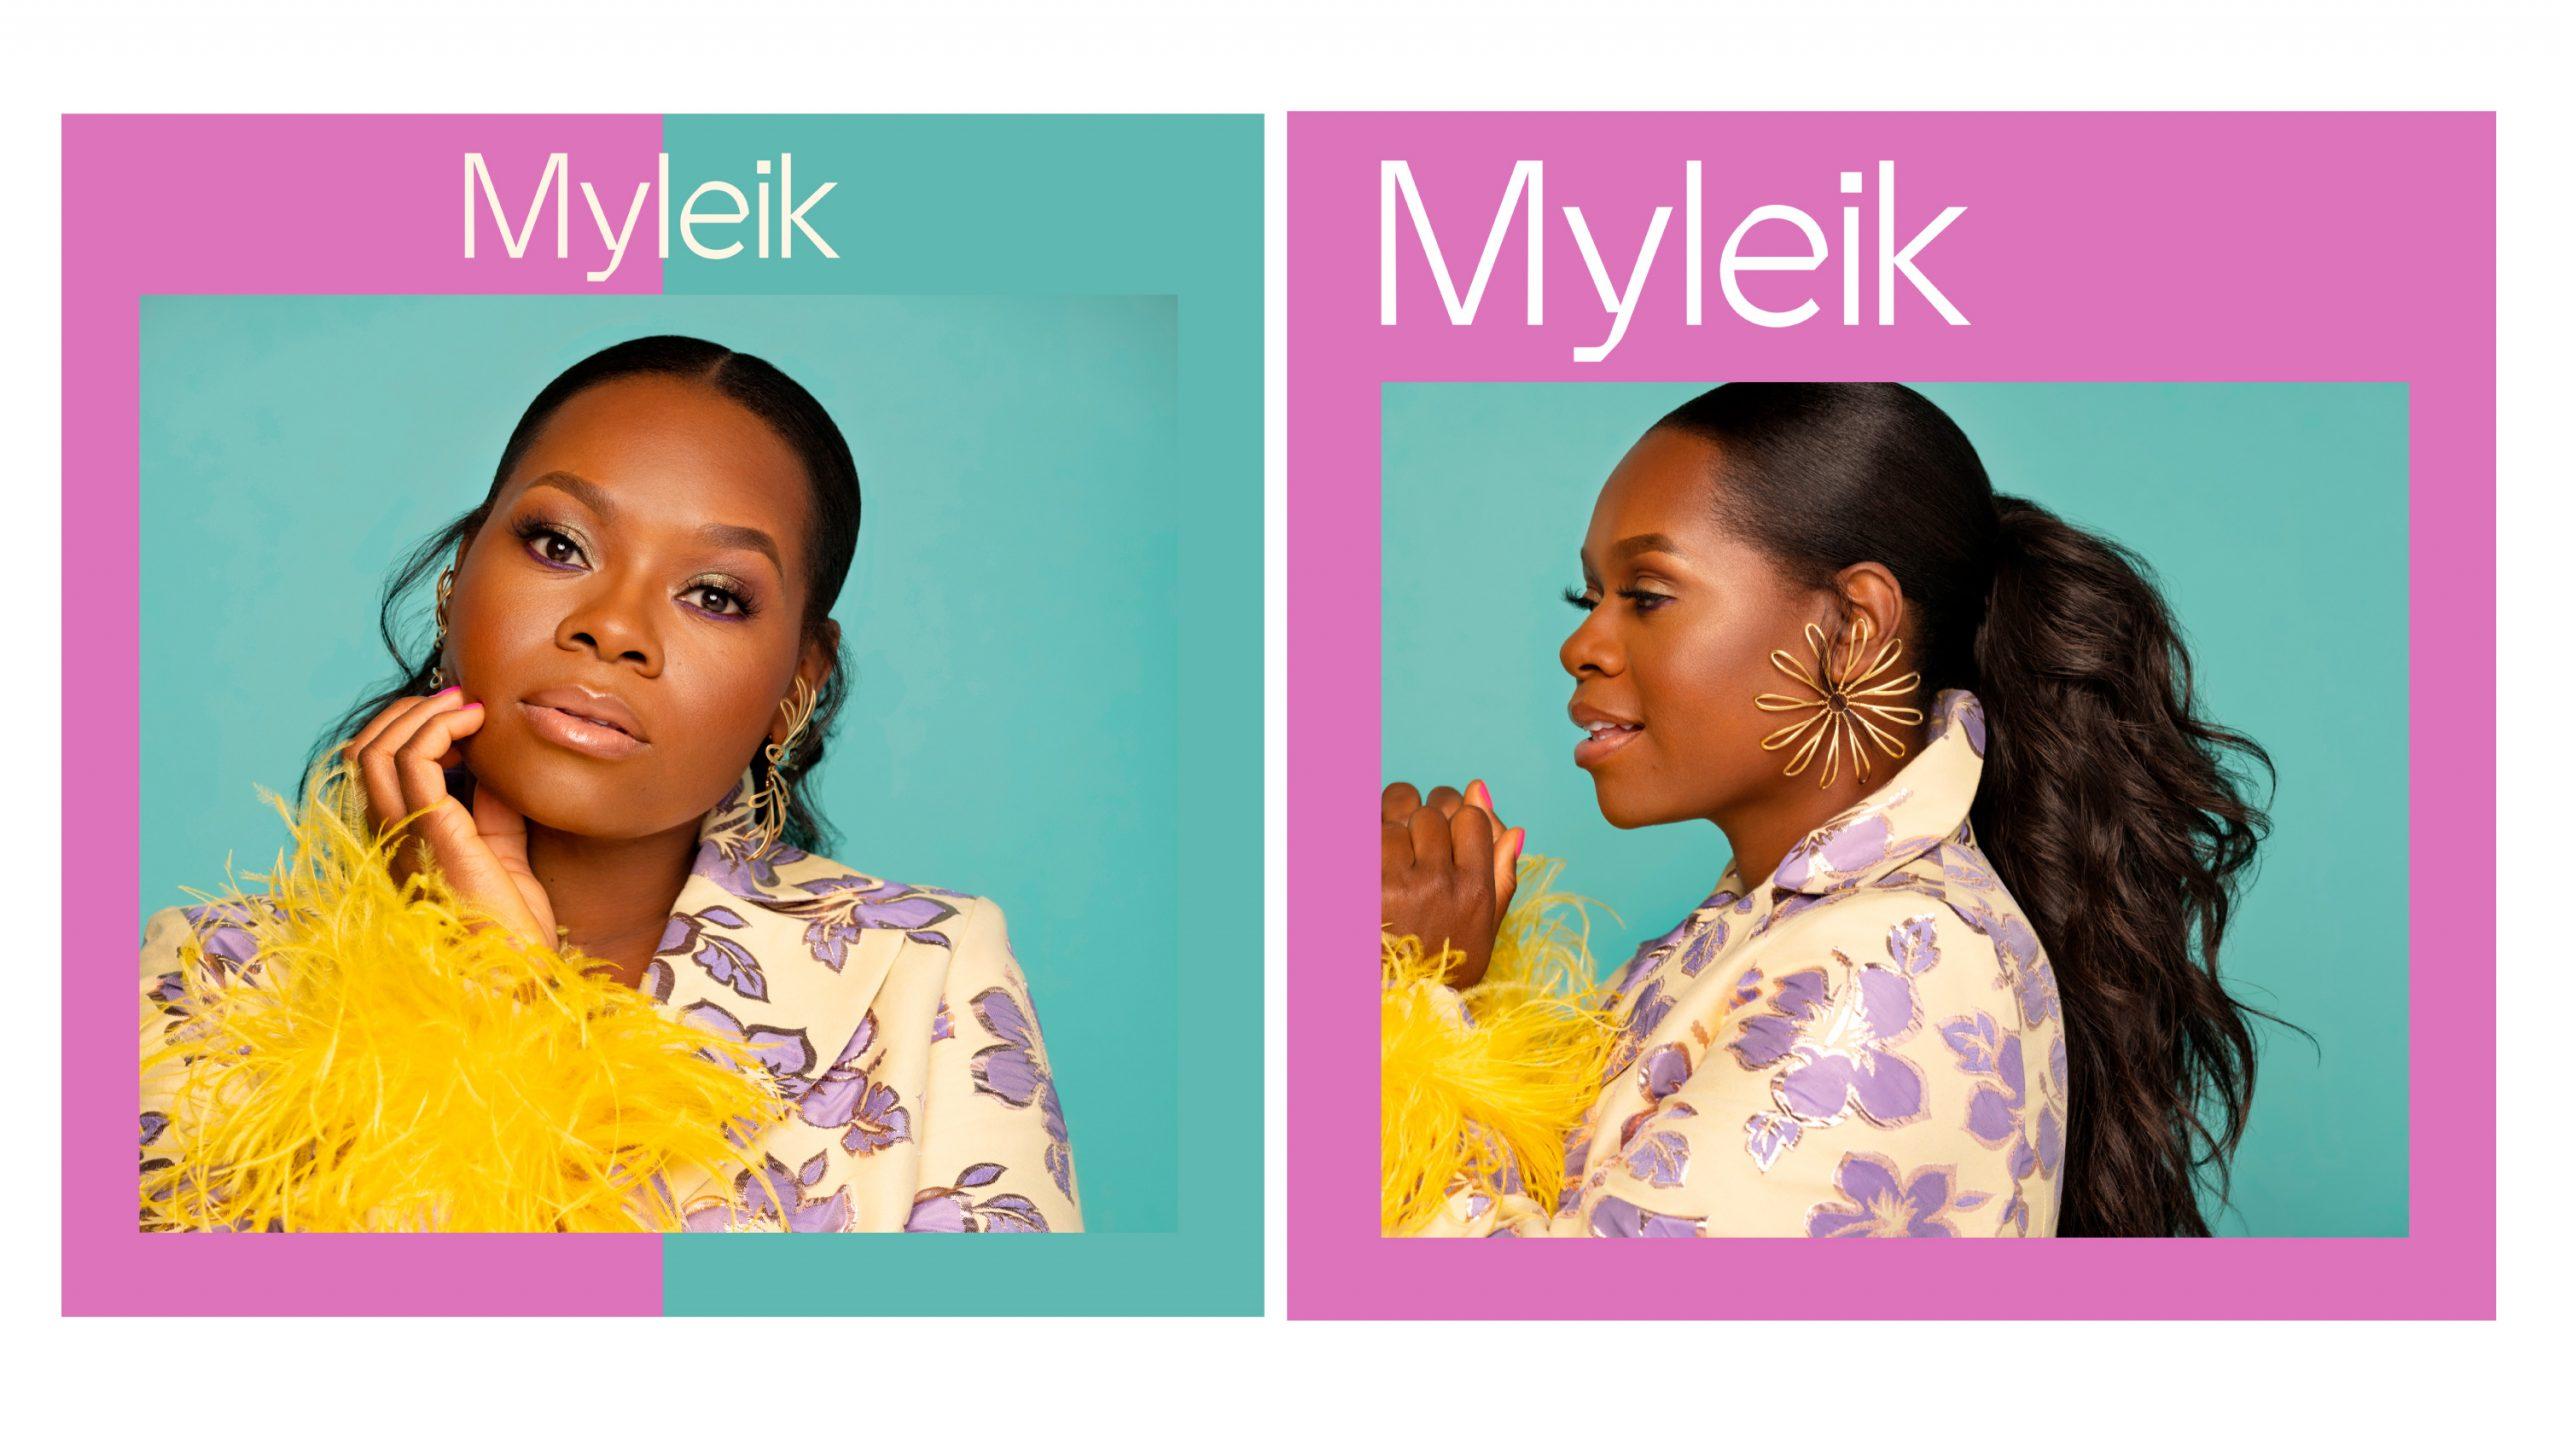 studio_anthony_smyrski_myleik_teele_identity_design_new_13